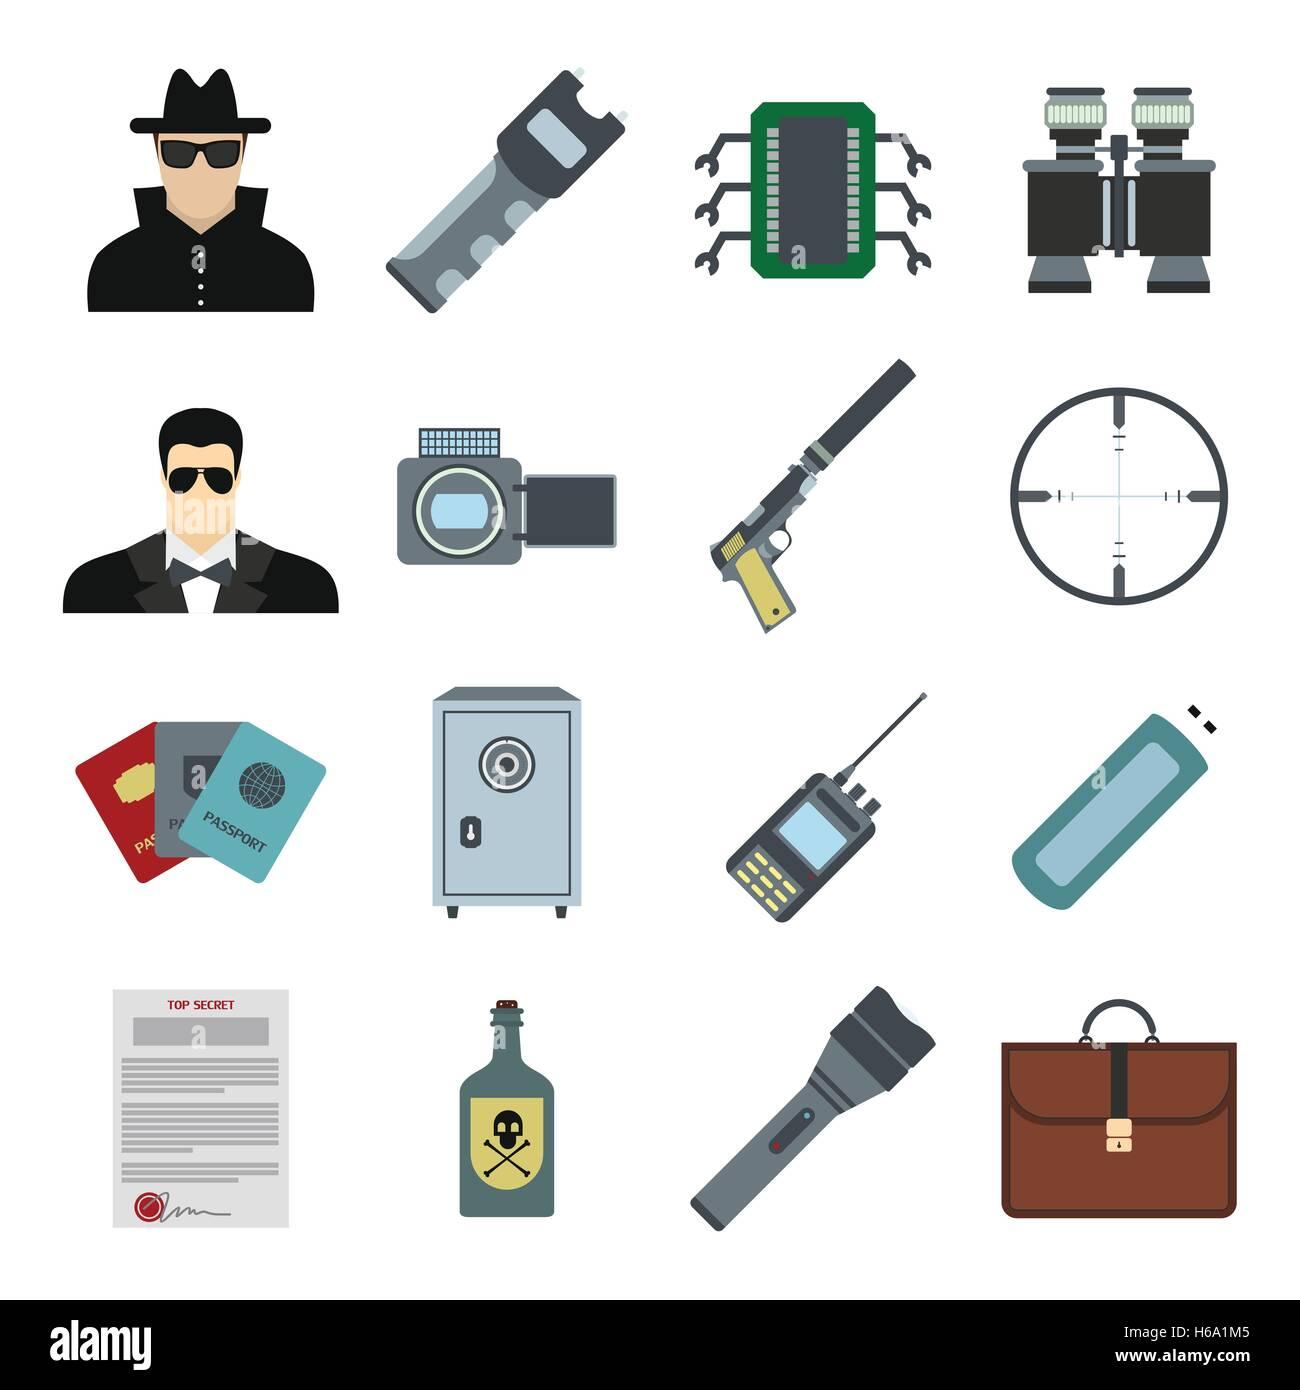 Spy flat icons - Stock Image